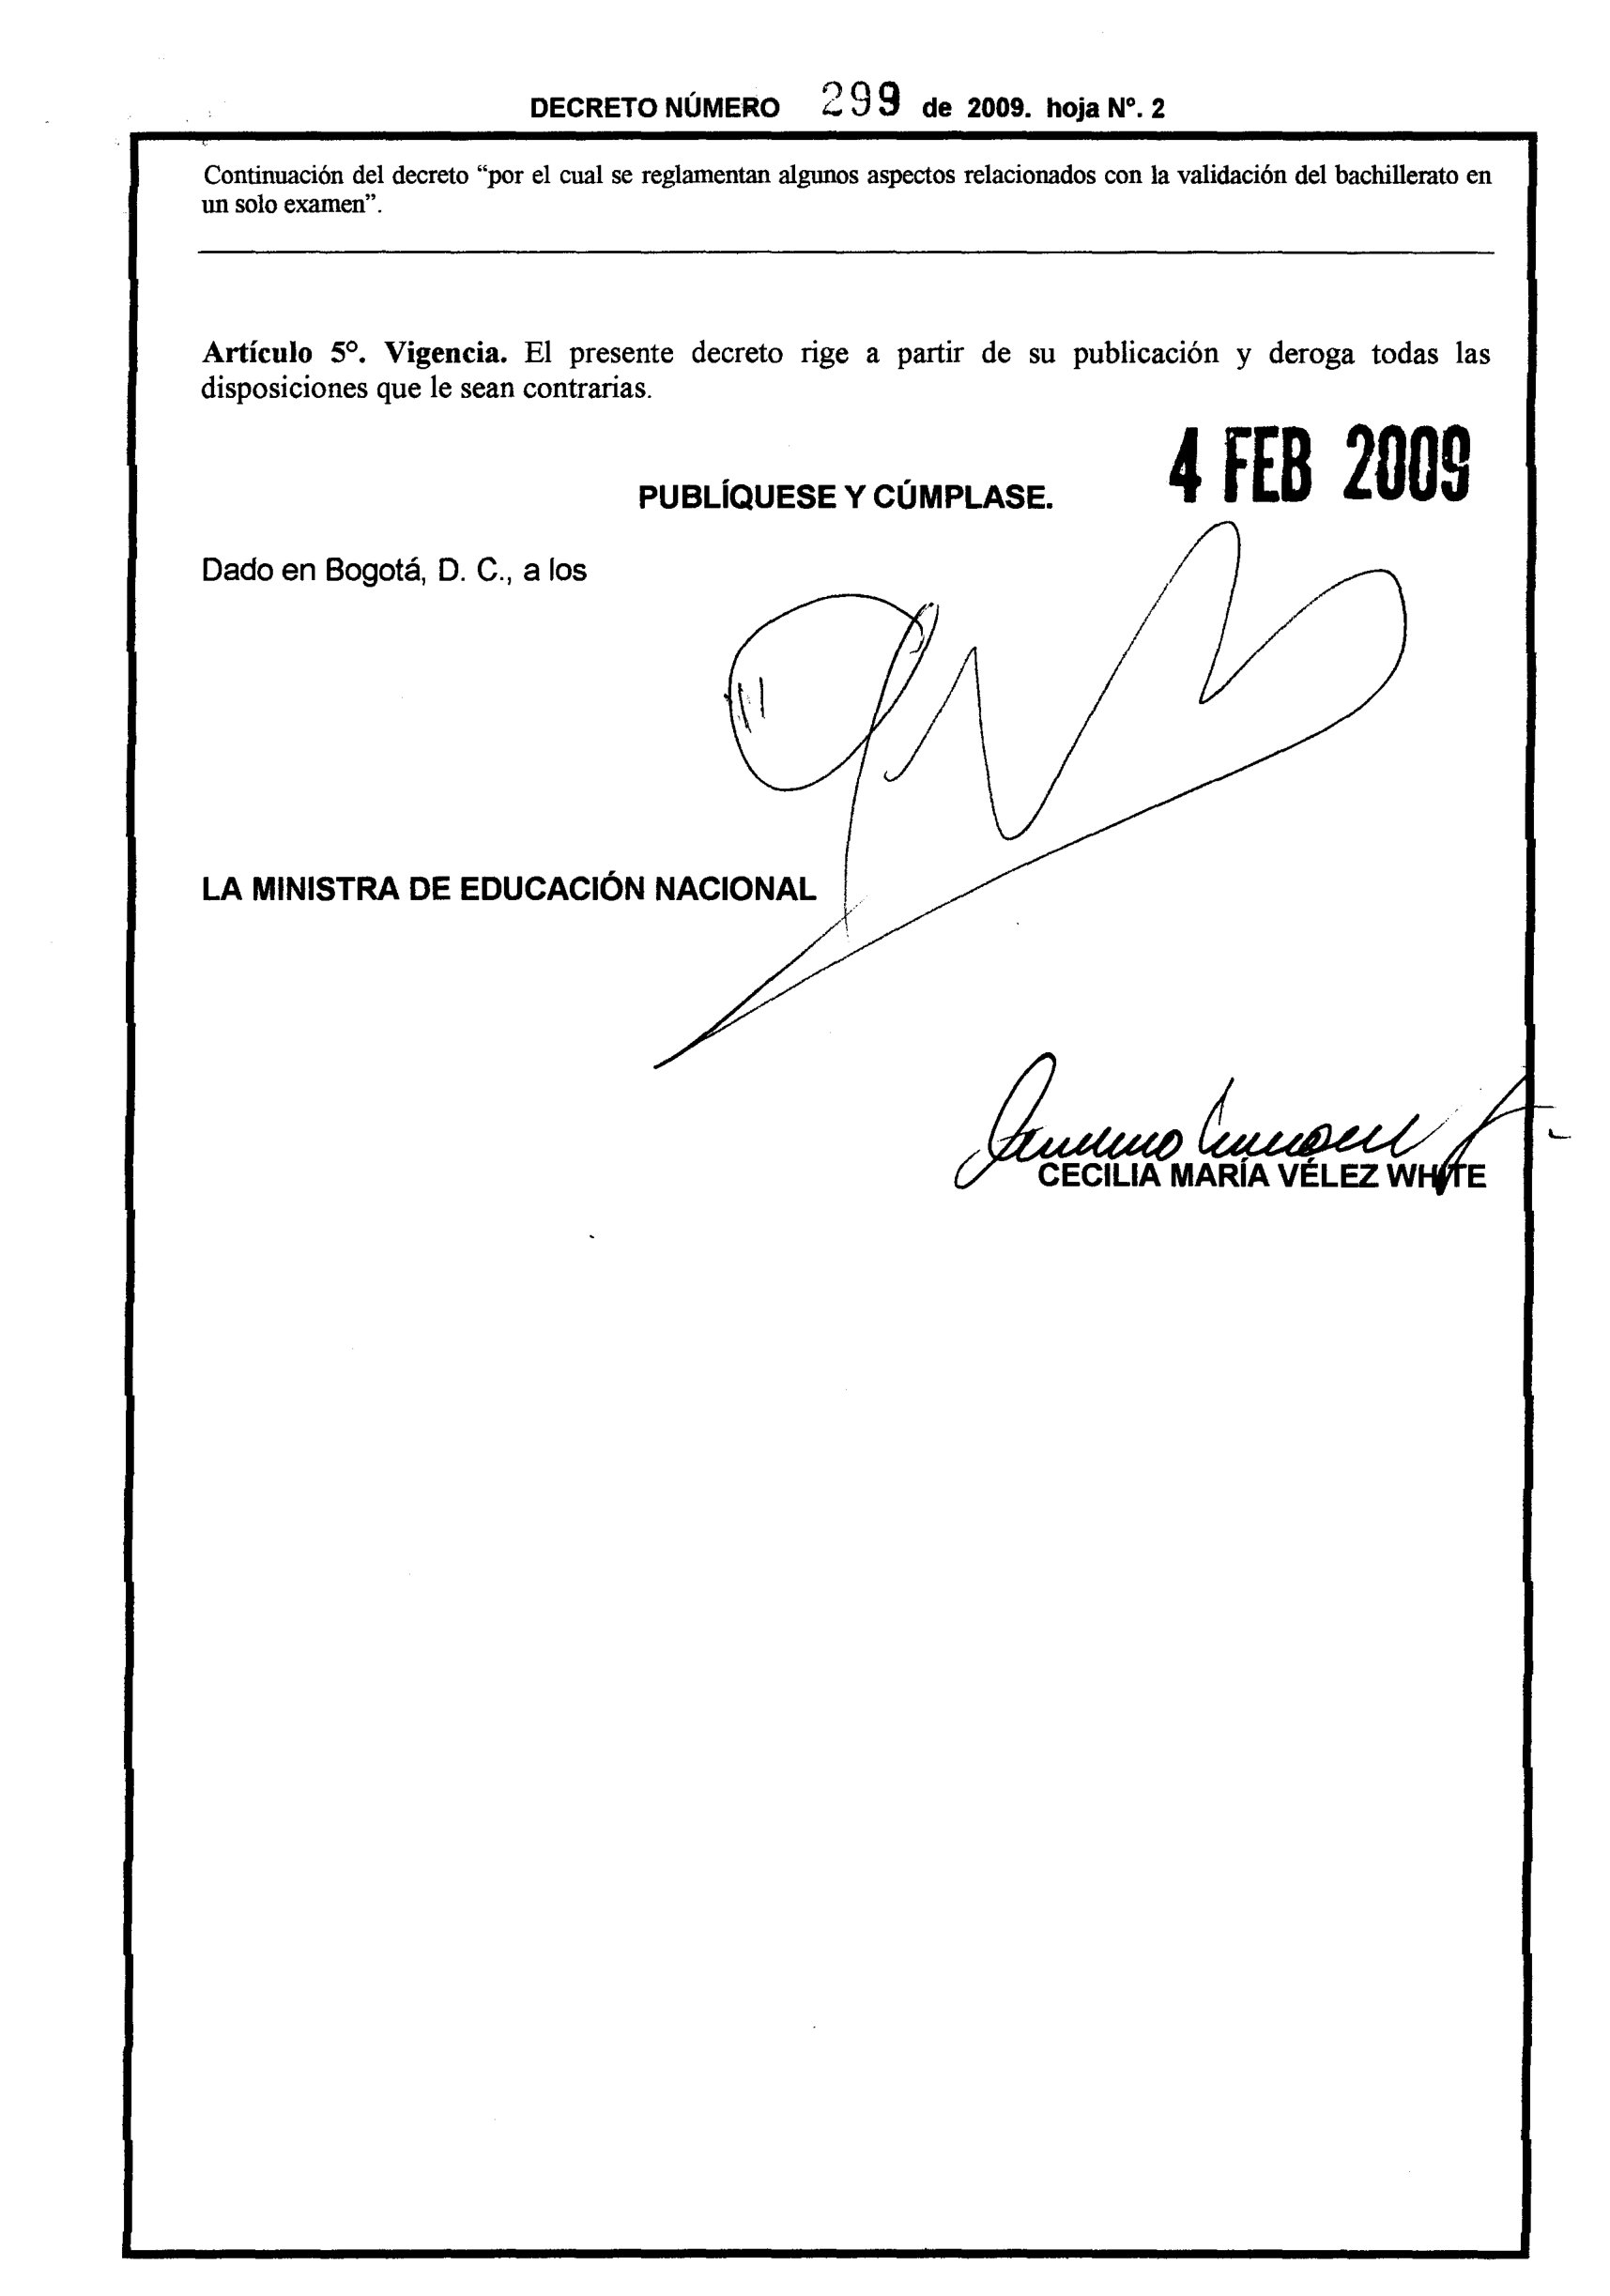 Decreto 299 de 2009 Página 2